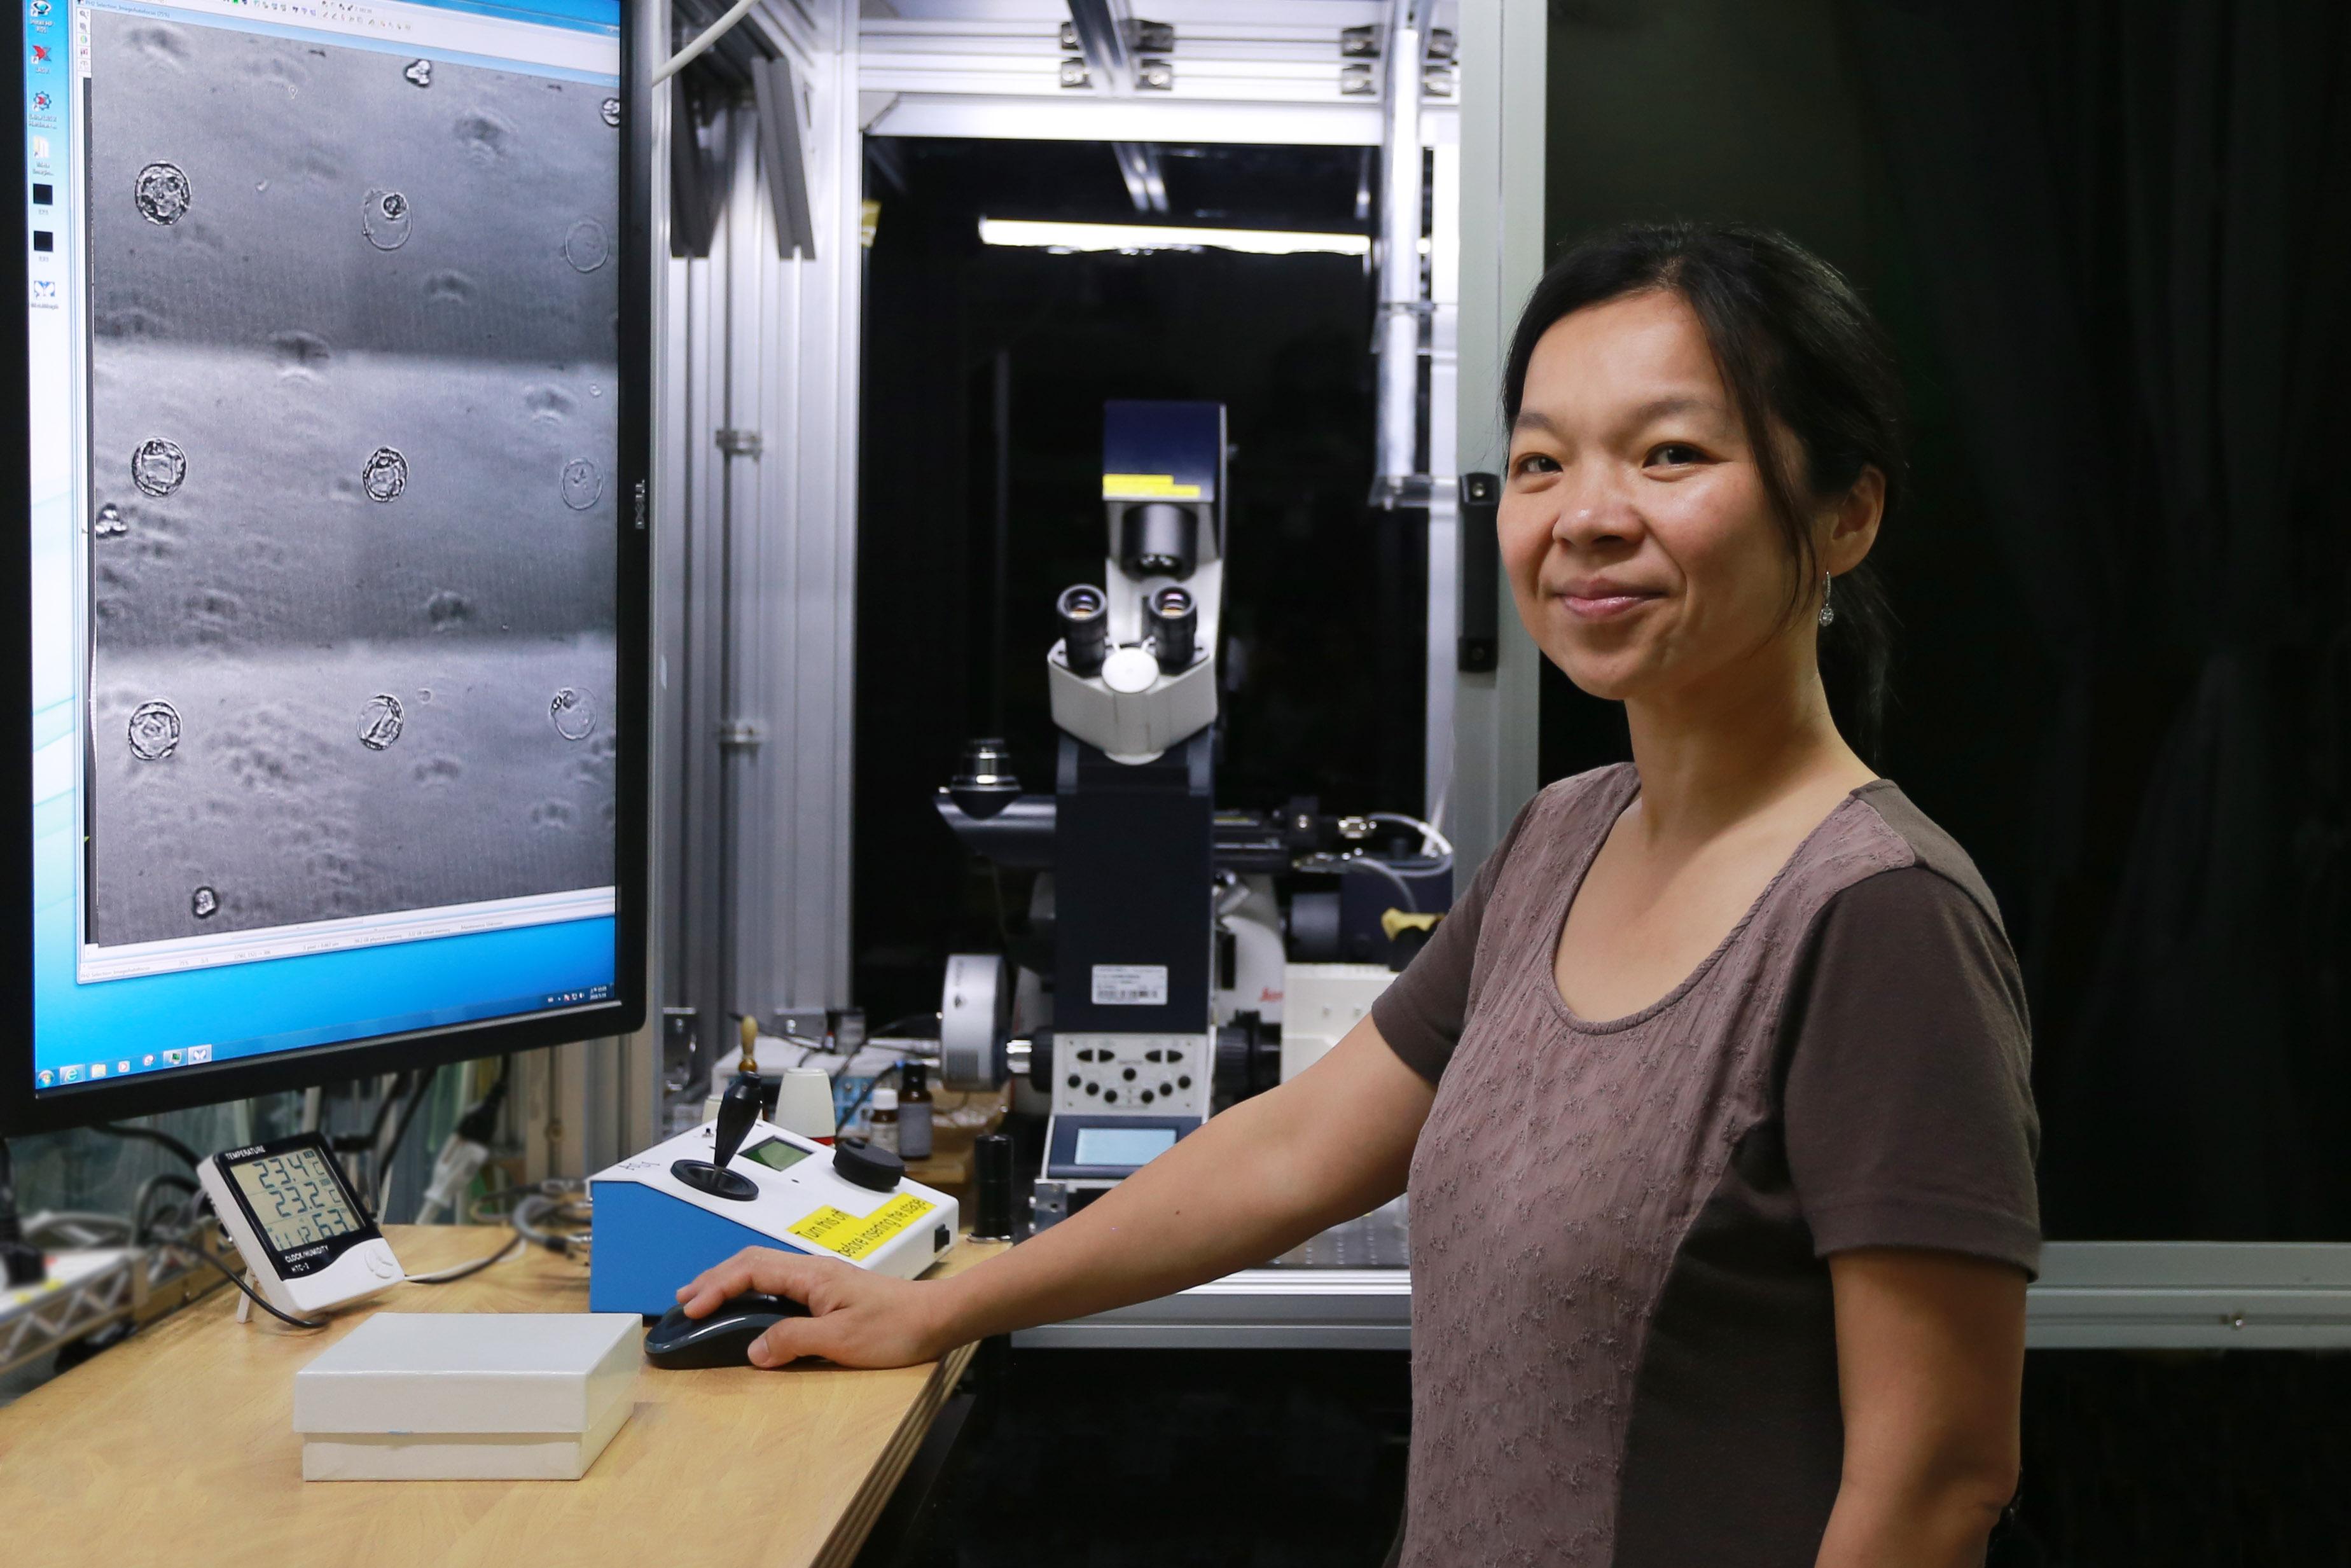 林耿慧在美國念書的時候,有一個潮流鼓勵 physical scientist 轉到 biology 研究。她研究的「軟物質」領域與生物物理也算接近,生物物理中用了許多軟物質的方法。於是,林耿慧回國後就投入了生物物理的研究。 攝影│張語辰